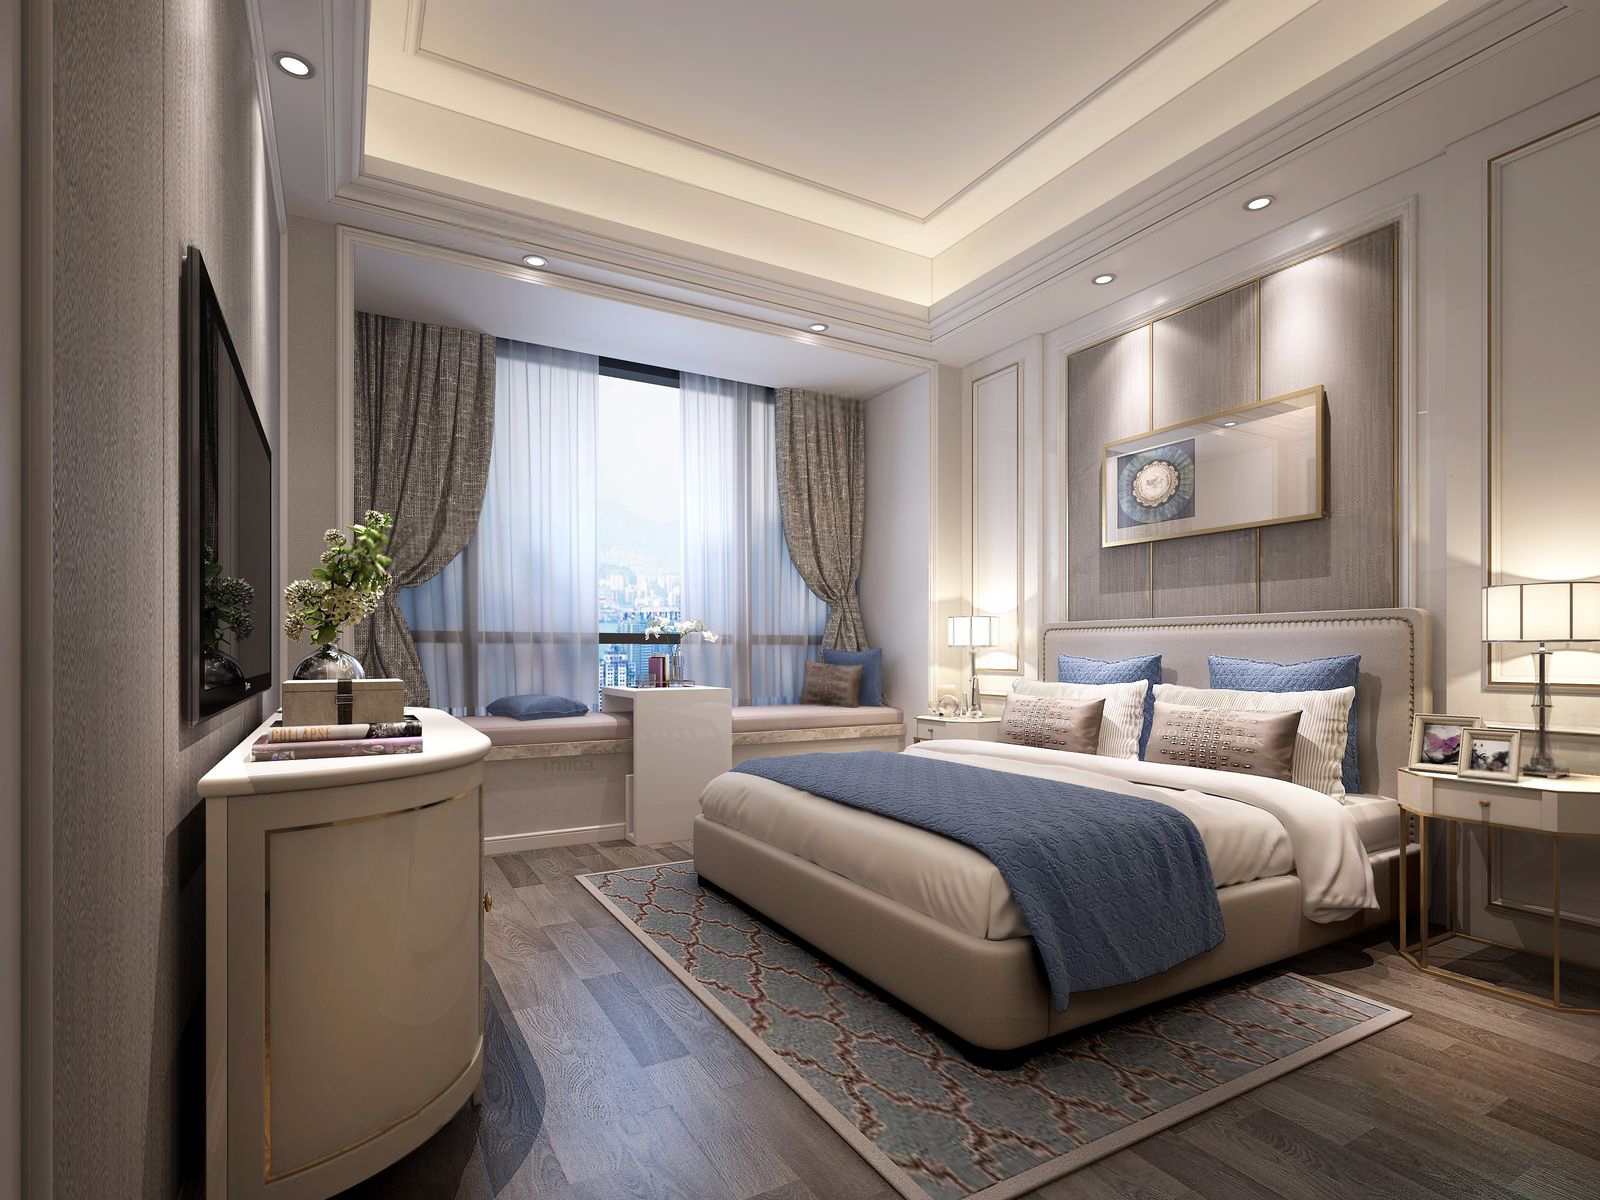 110㎡现代风格装修卧室效果图